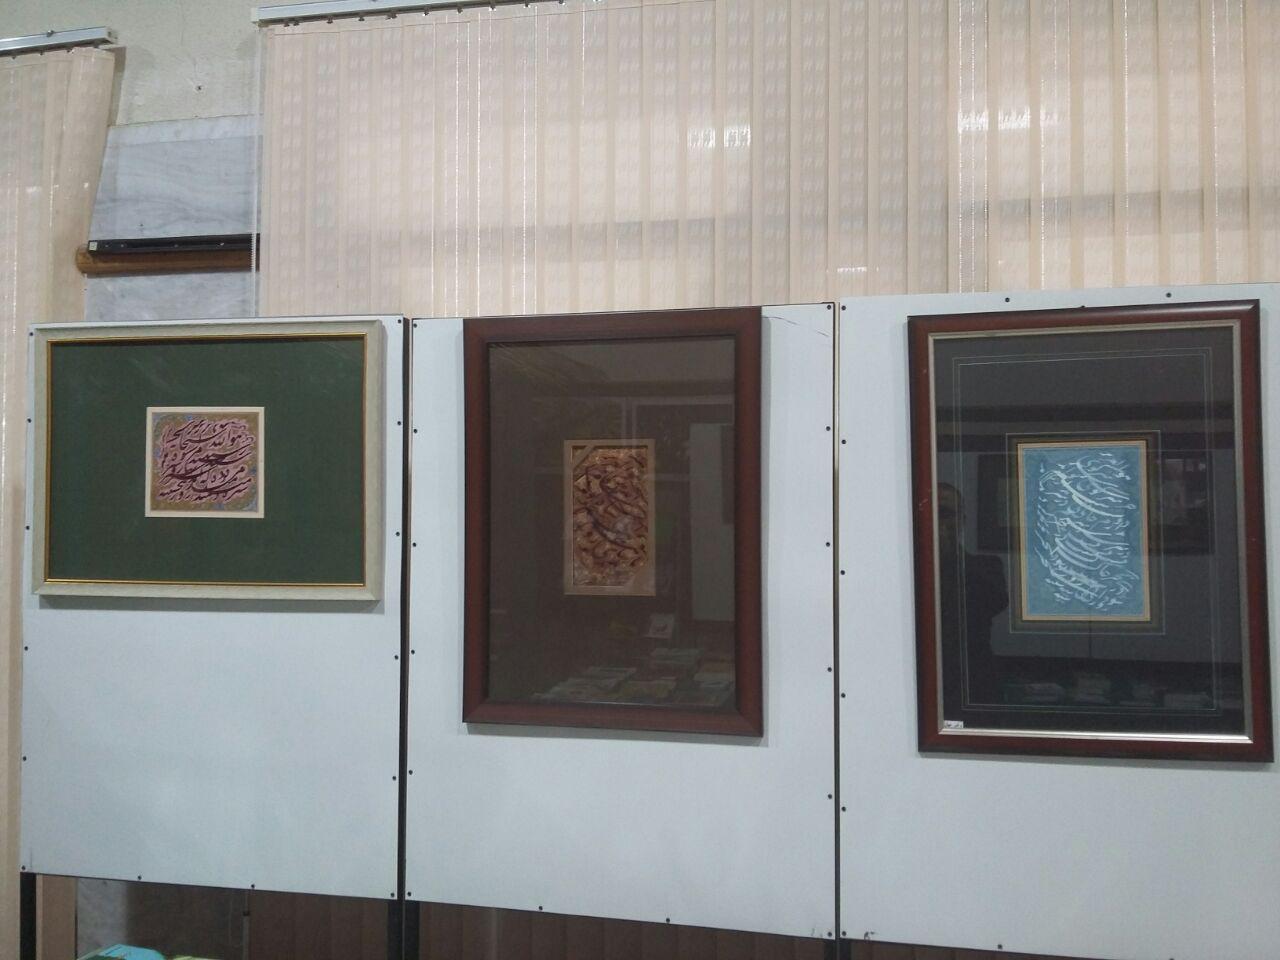 چاپ ۷ عنوان کتاب توسط دانشگاه آزاد اسلامی واحد رشت در سال ۹۵ + تصاویر